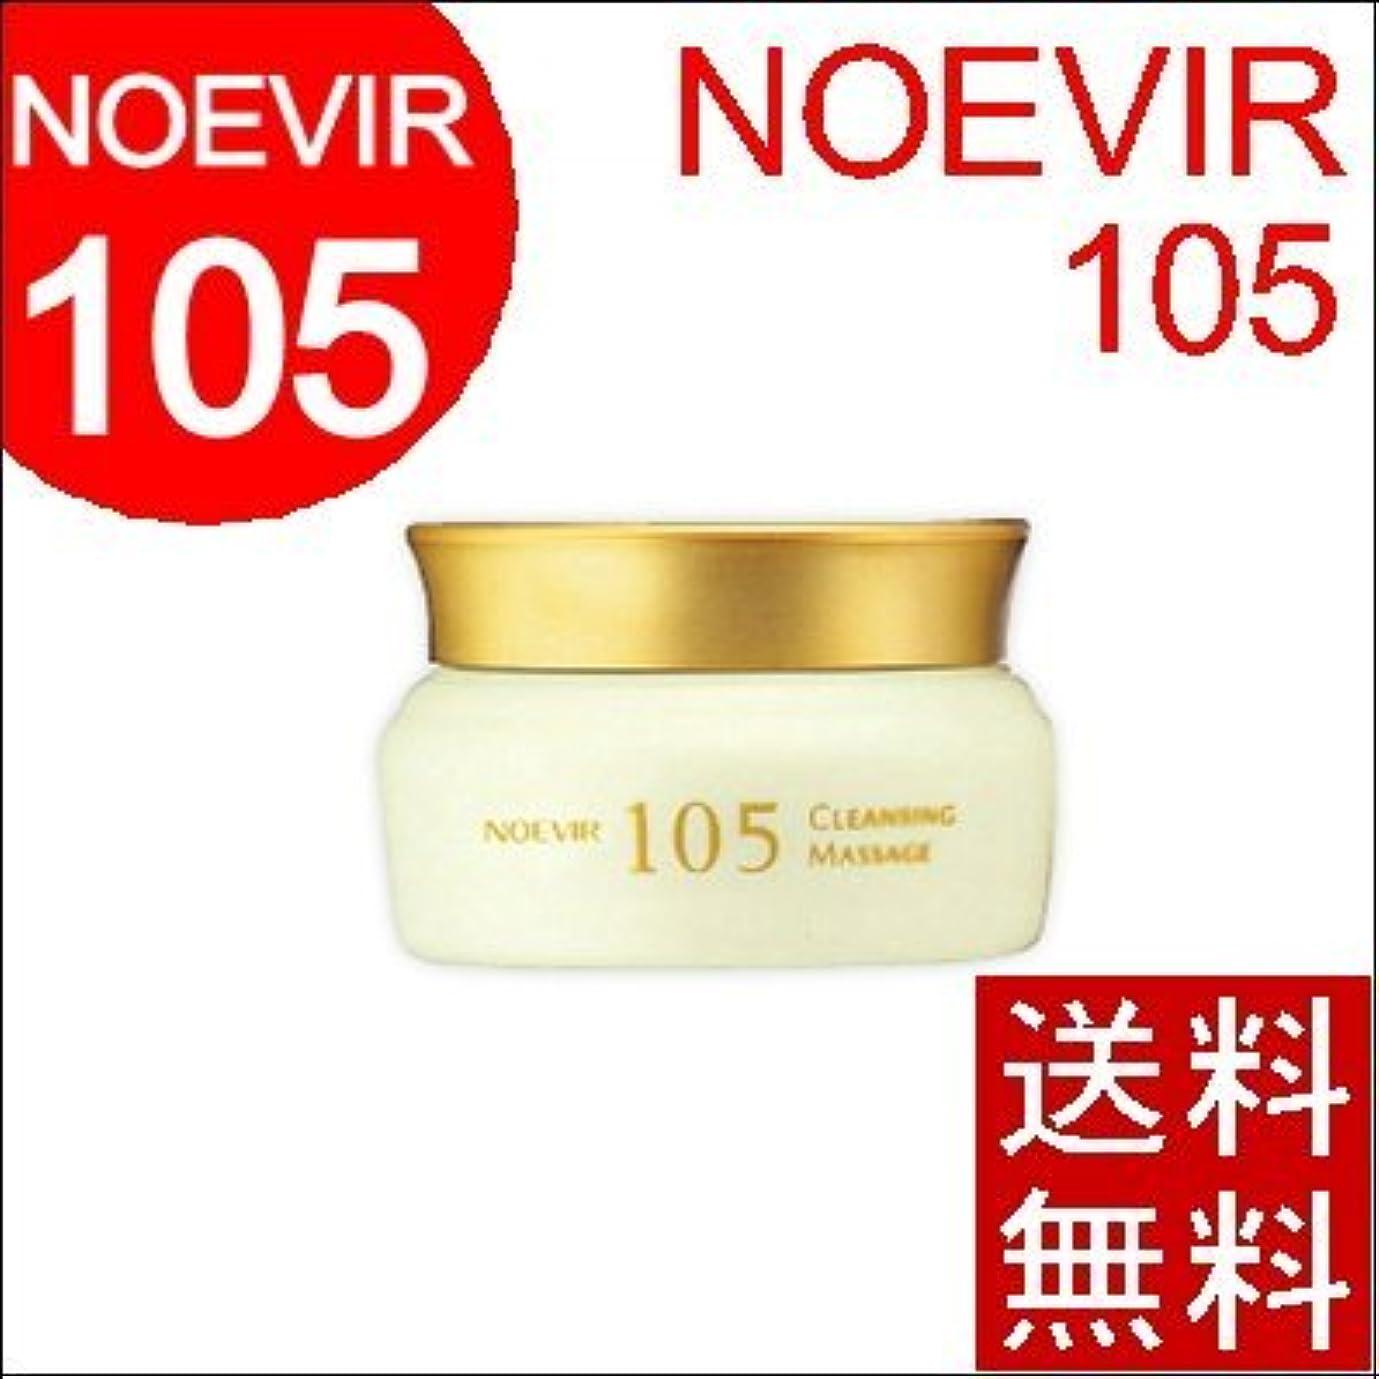 文庫本激しいスイス人ノエビア 105 クレンジングマッサージクリームN 100g [並行輸入品]